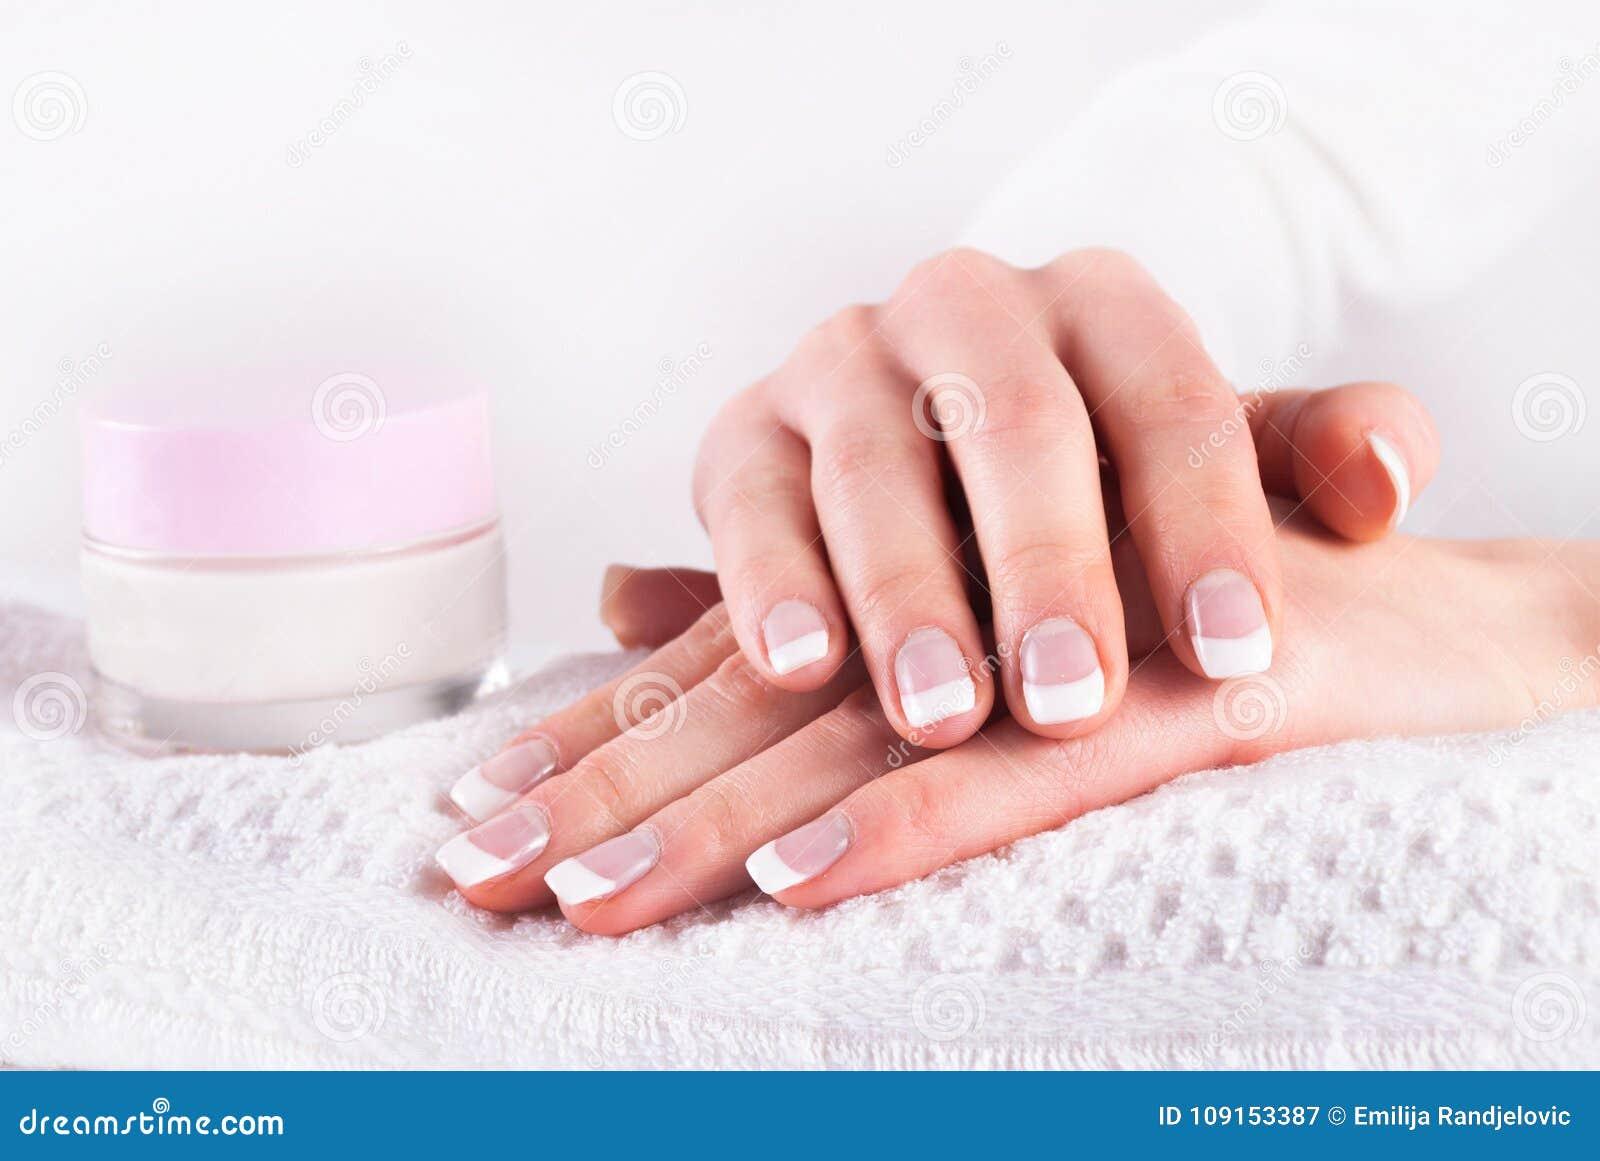 Mani della donna con il manicure francese e la crema per le mani rosa sull asciugamano bianco